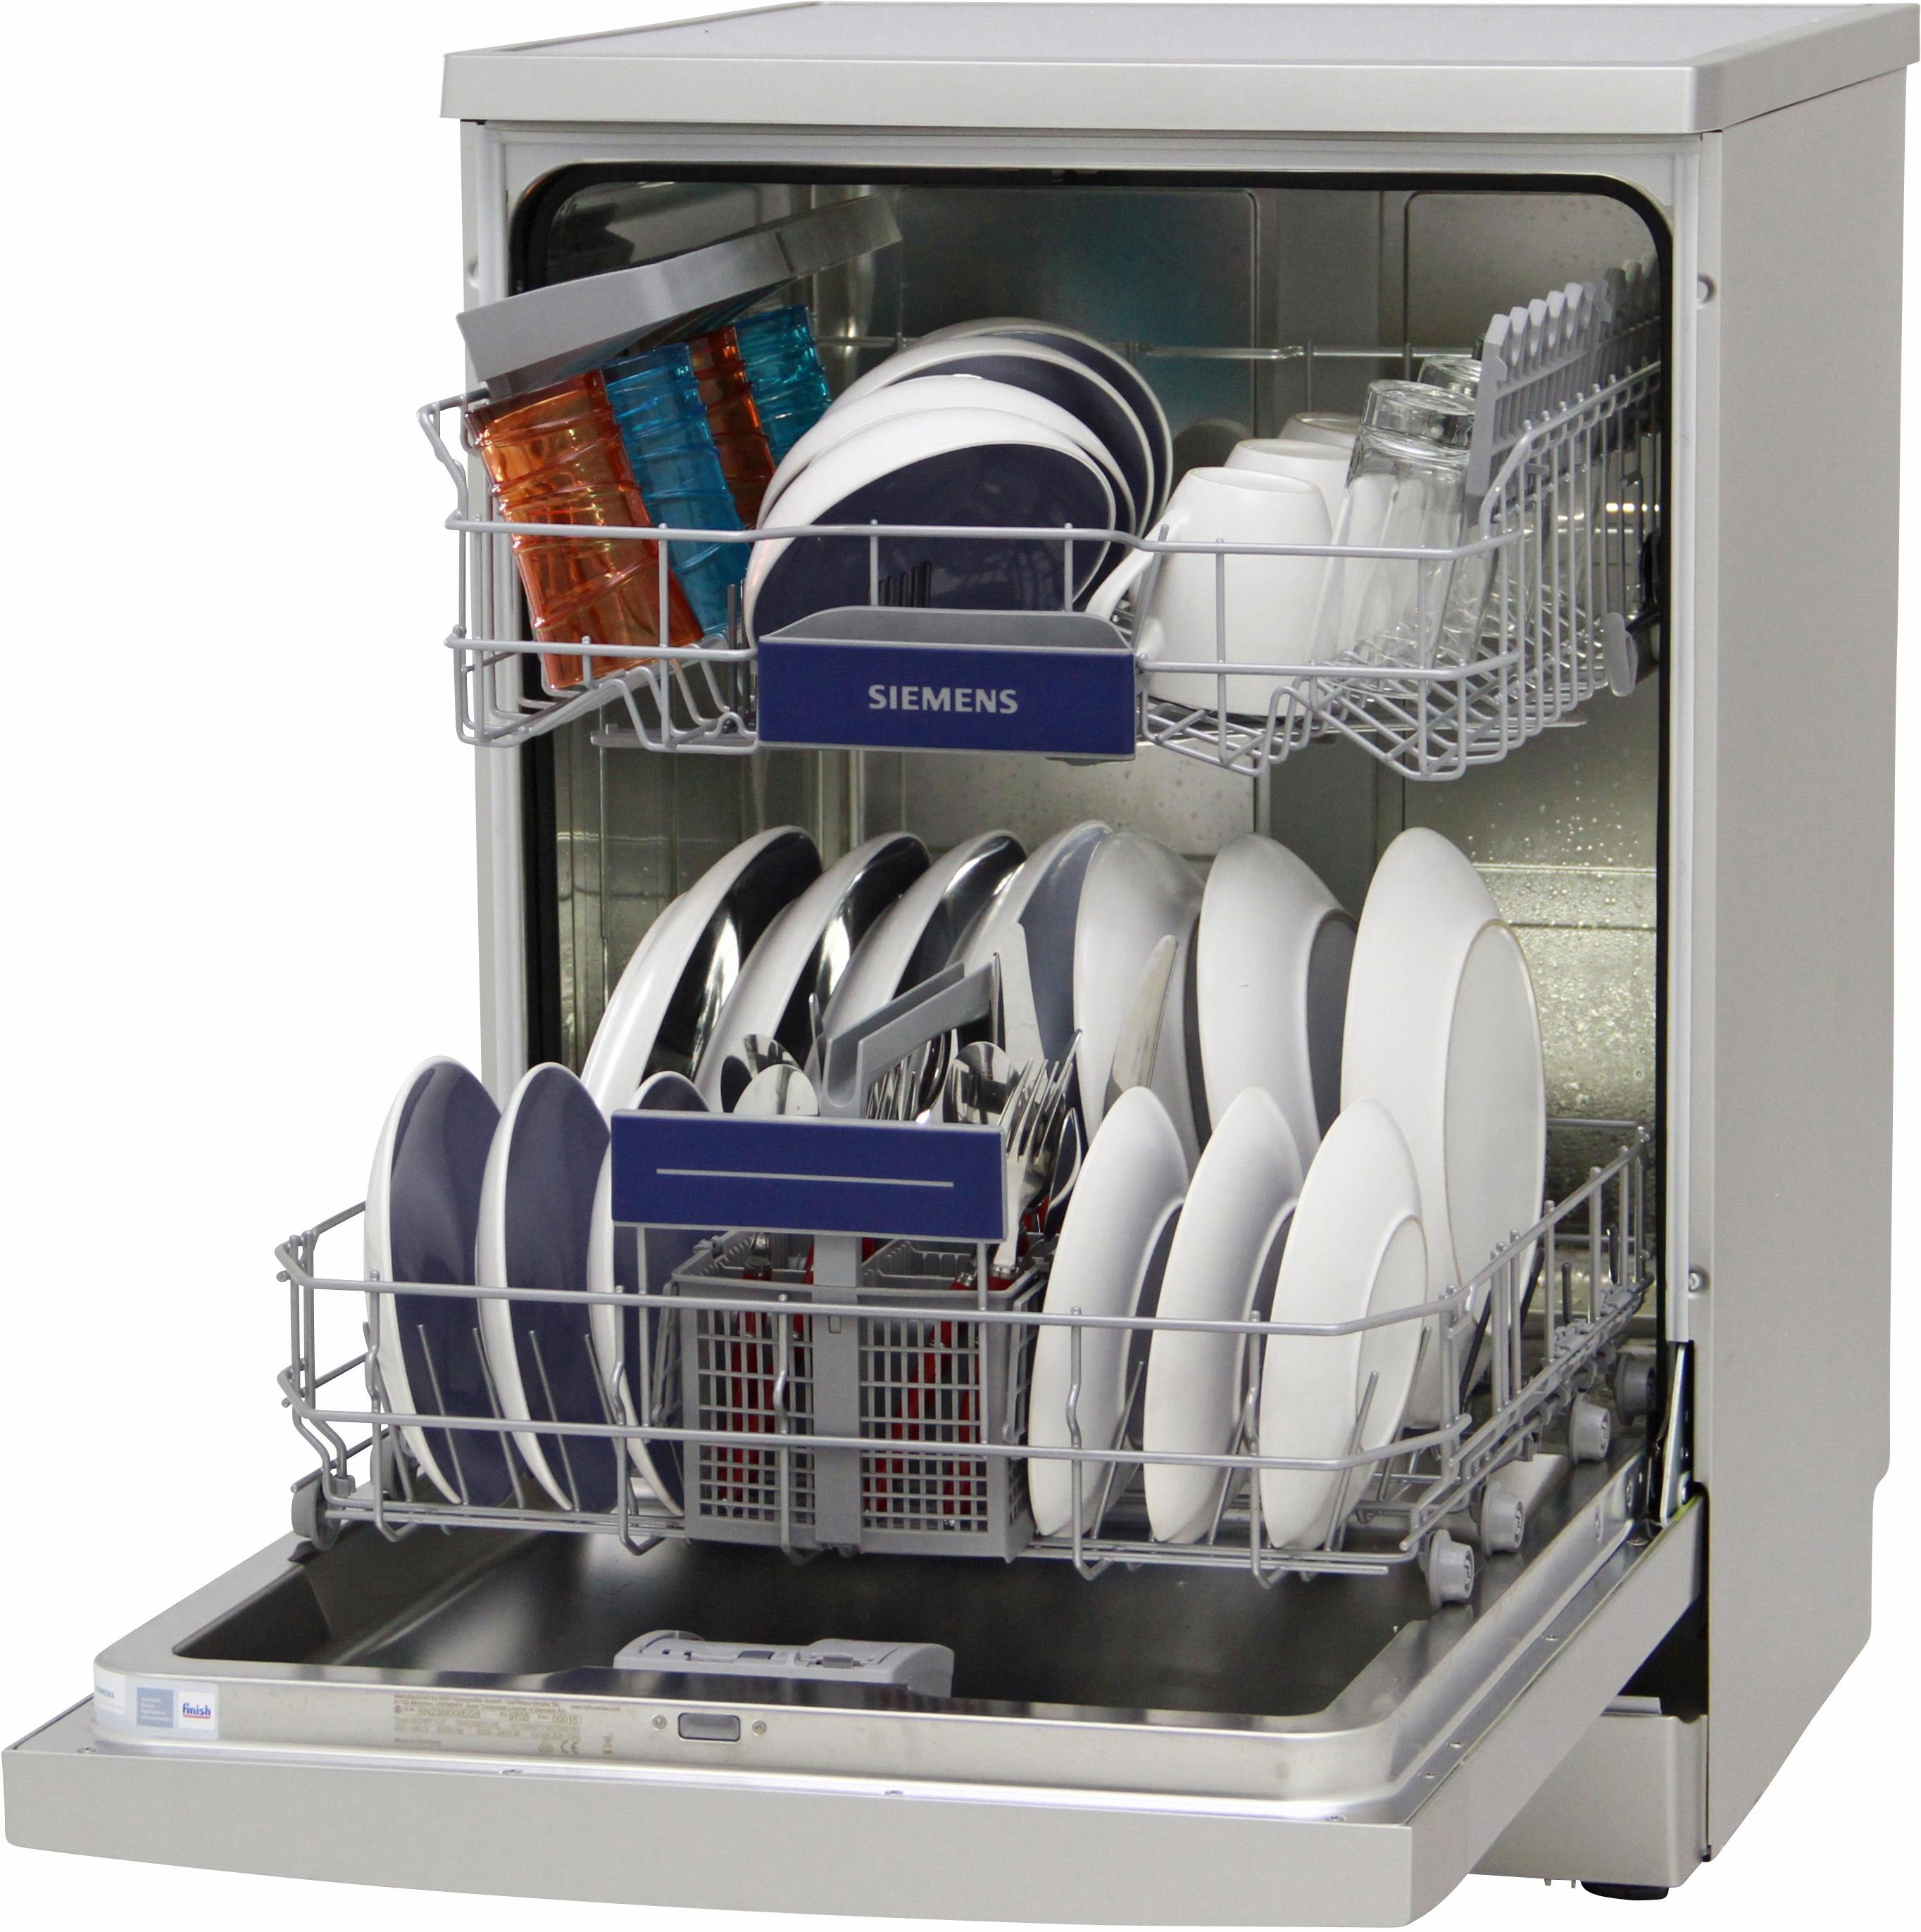 I dettagli del test sulla lavastoviglie SIEMENS SN236I00IE